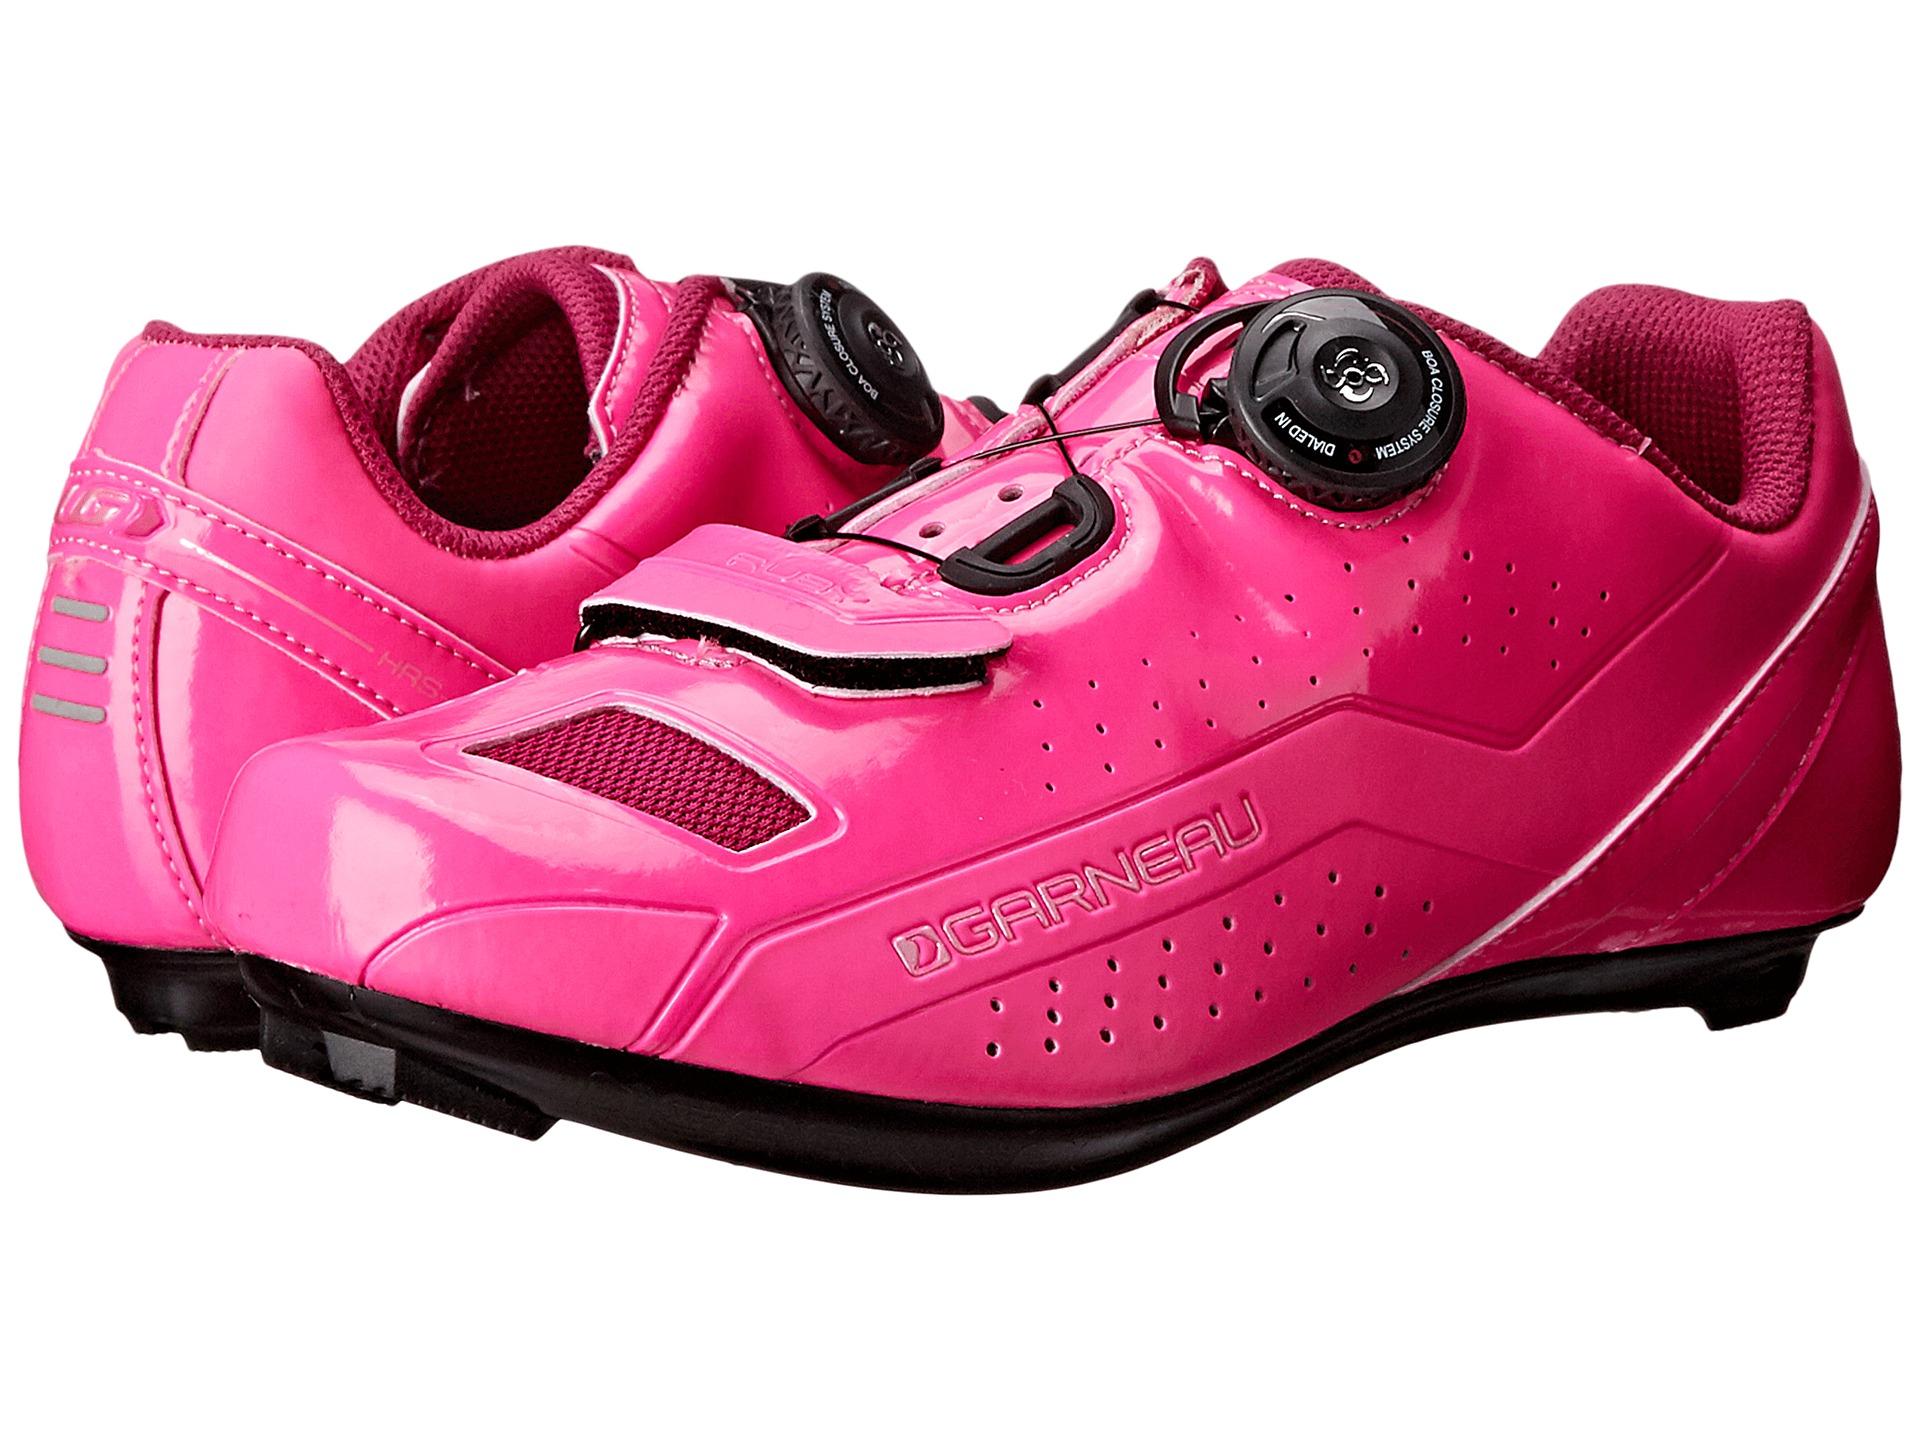 louis garneau ruby pink glow cycling shoes